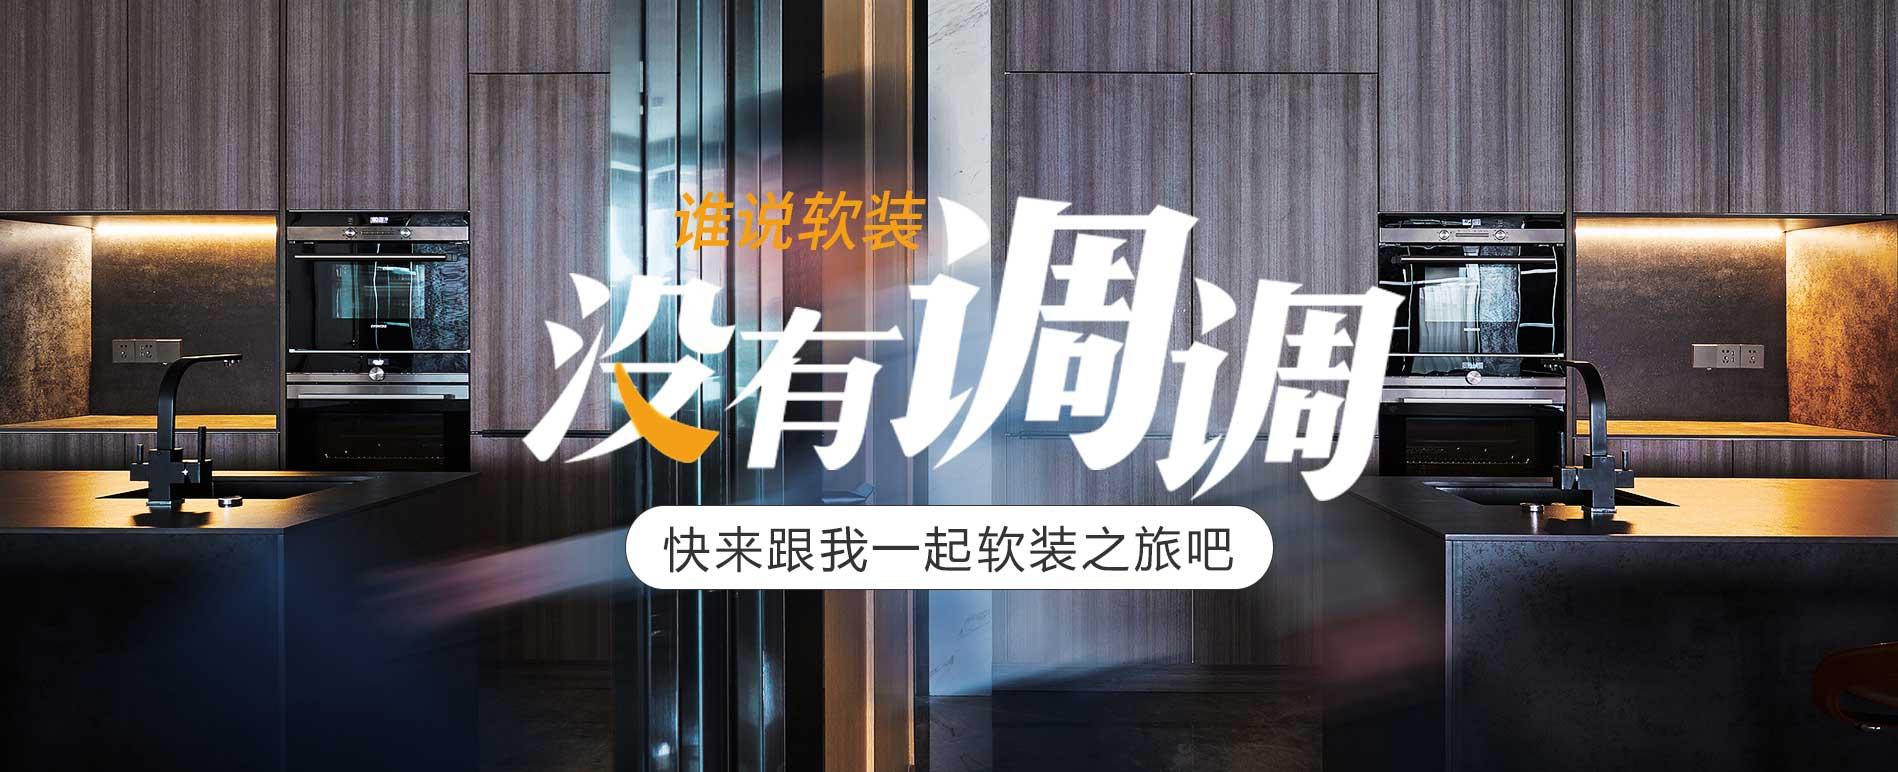 杭州尚层软装,专注高端软装配饰,杭州软装公司